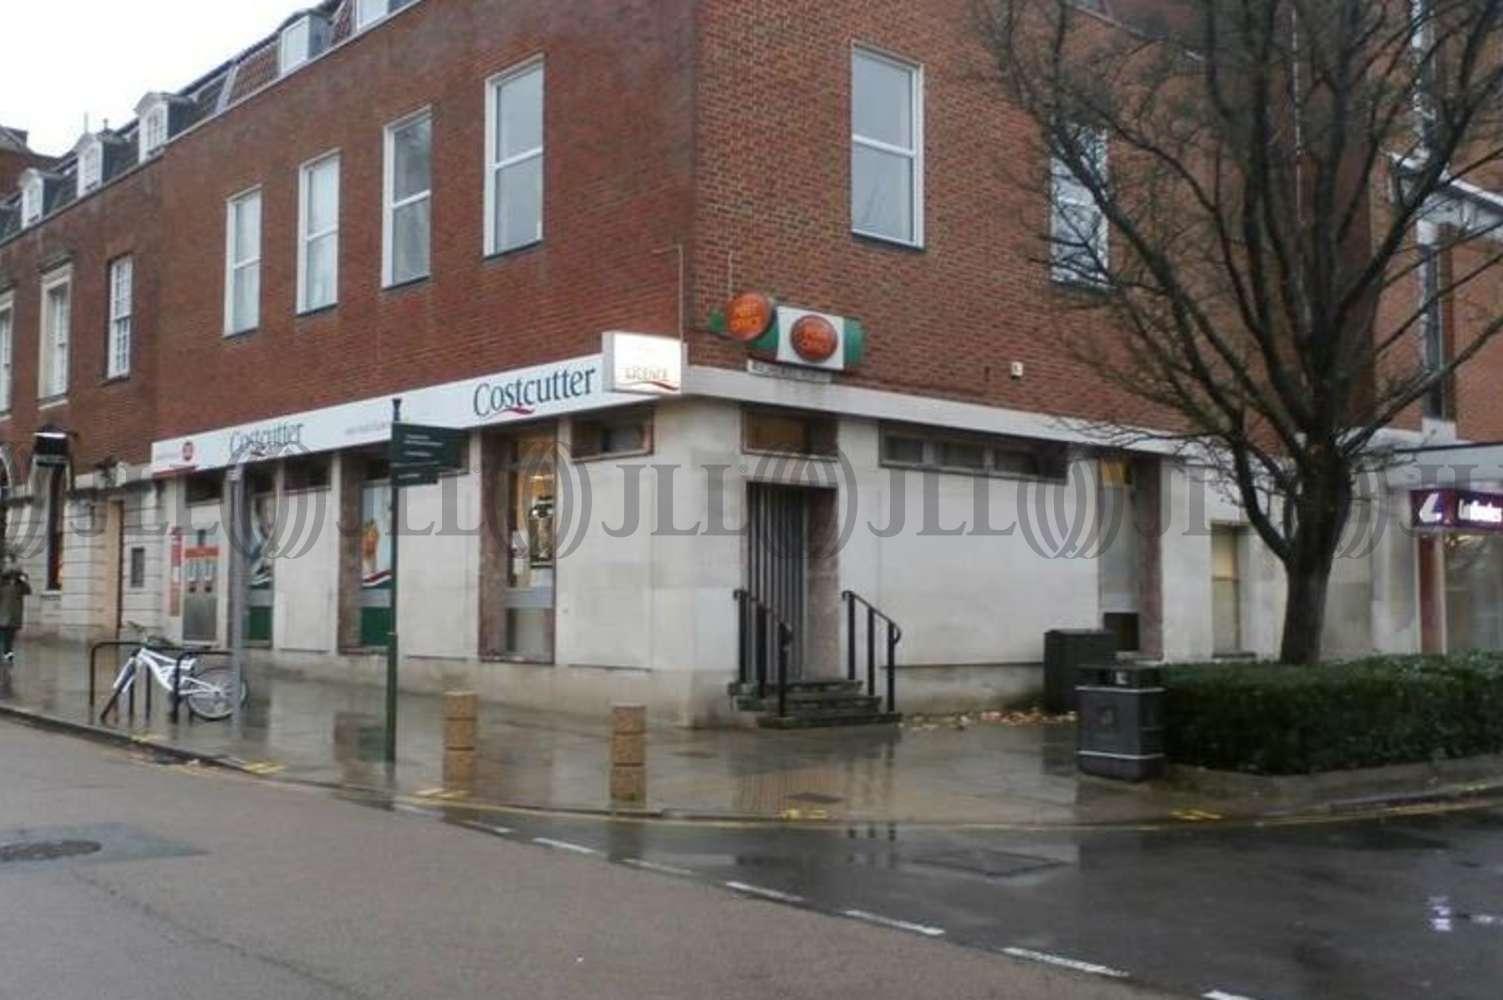 Retail high street Welwyn garden city, AL8 6AA - 17-19 Howardsgate